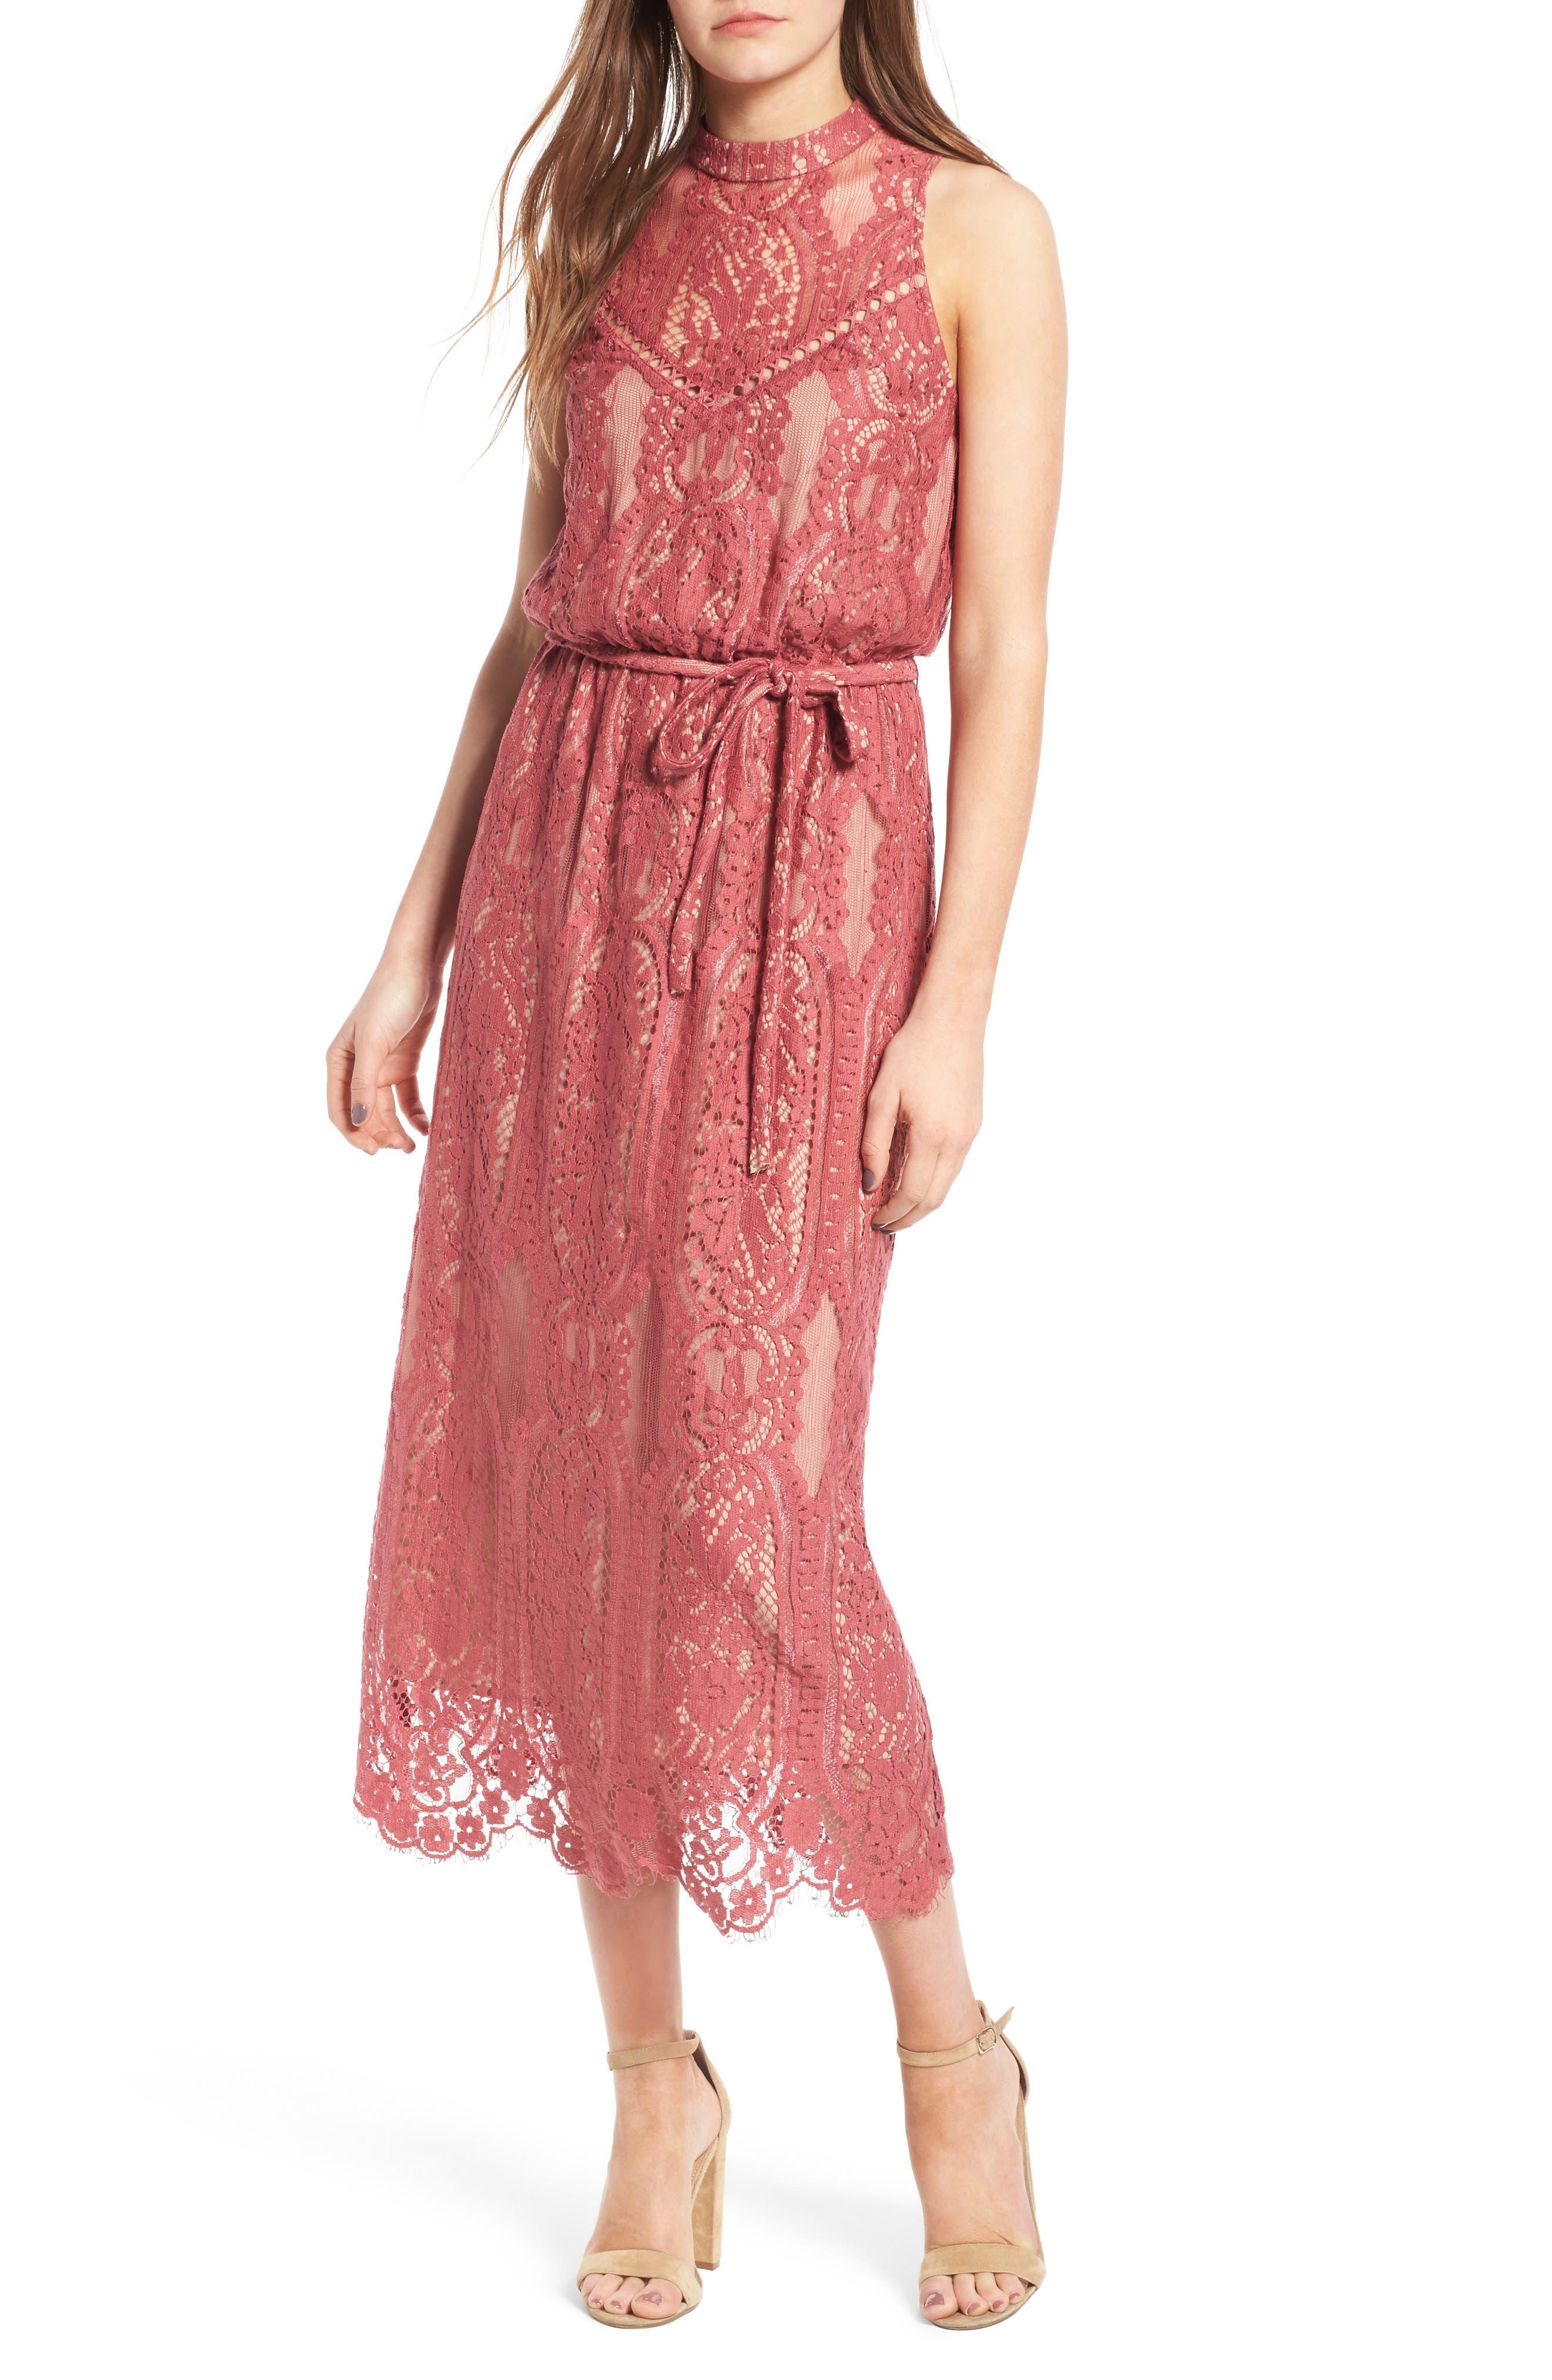 WAYF, 'Portrait' Lace Midi Dress, Main thumbnail 1, color, 650